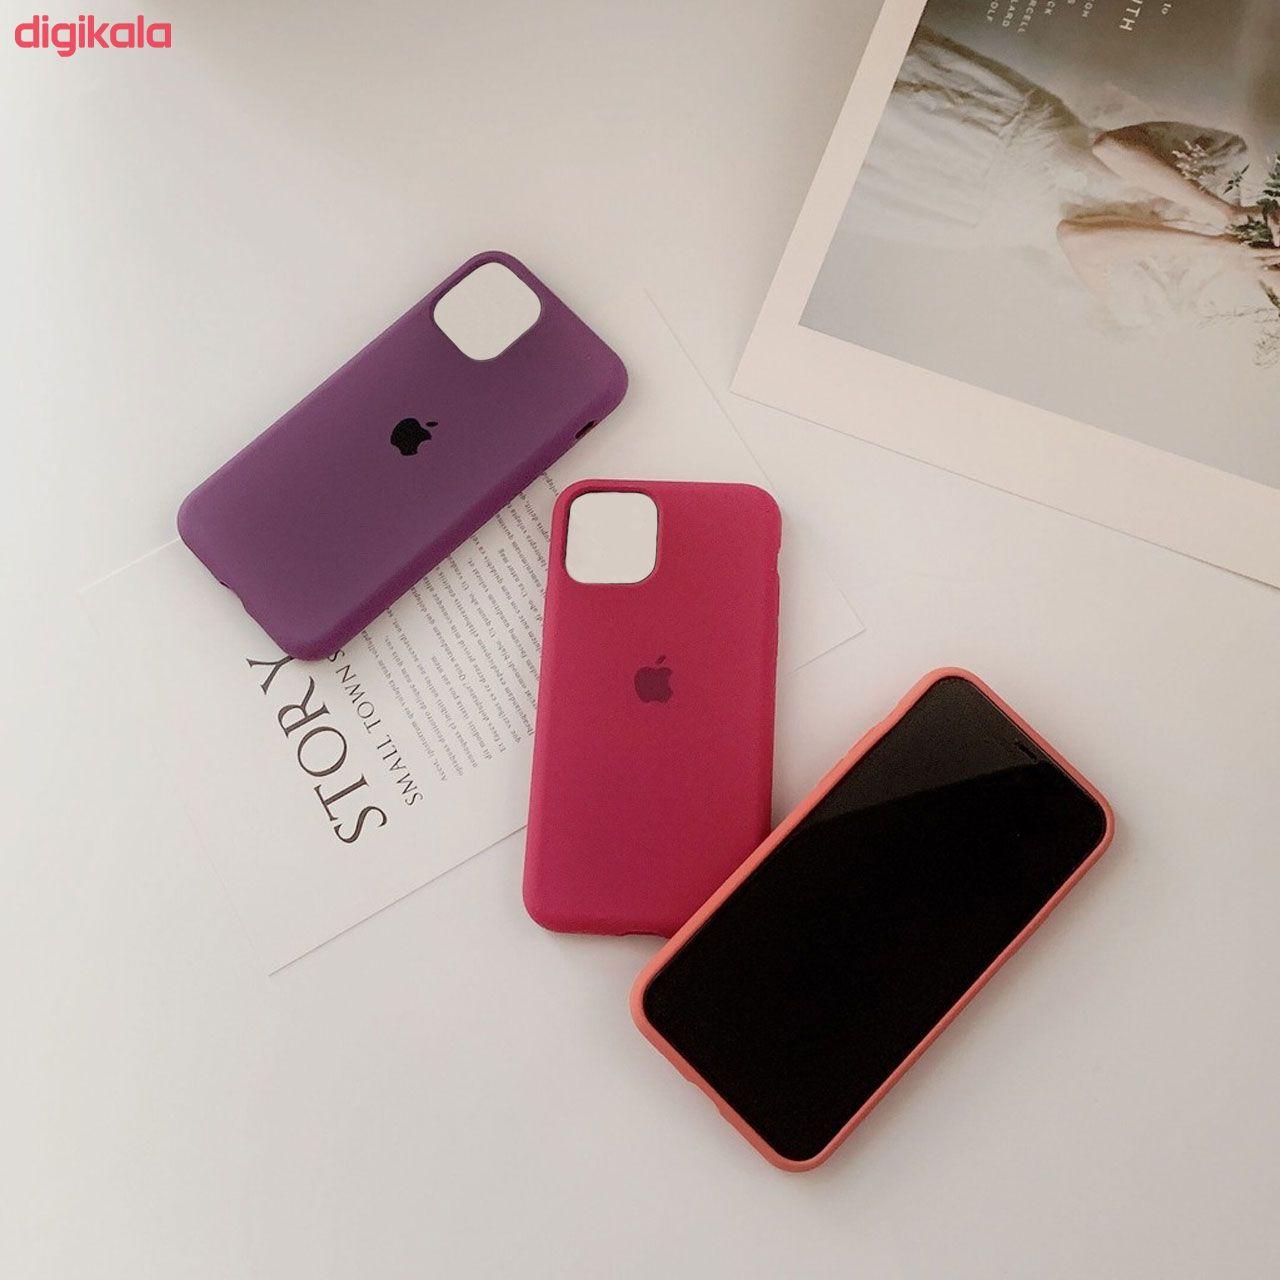 کاور مدل SLCN مناسب برای گوشی موبایل اپل iPhone 12 Pro Max main 1 4